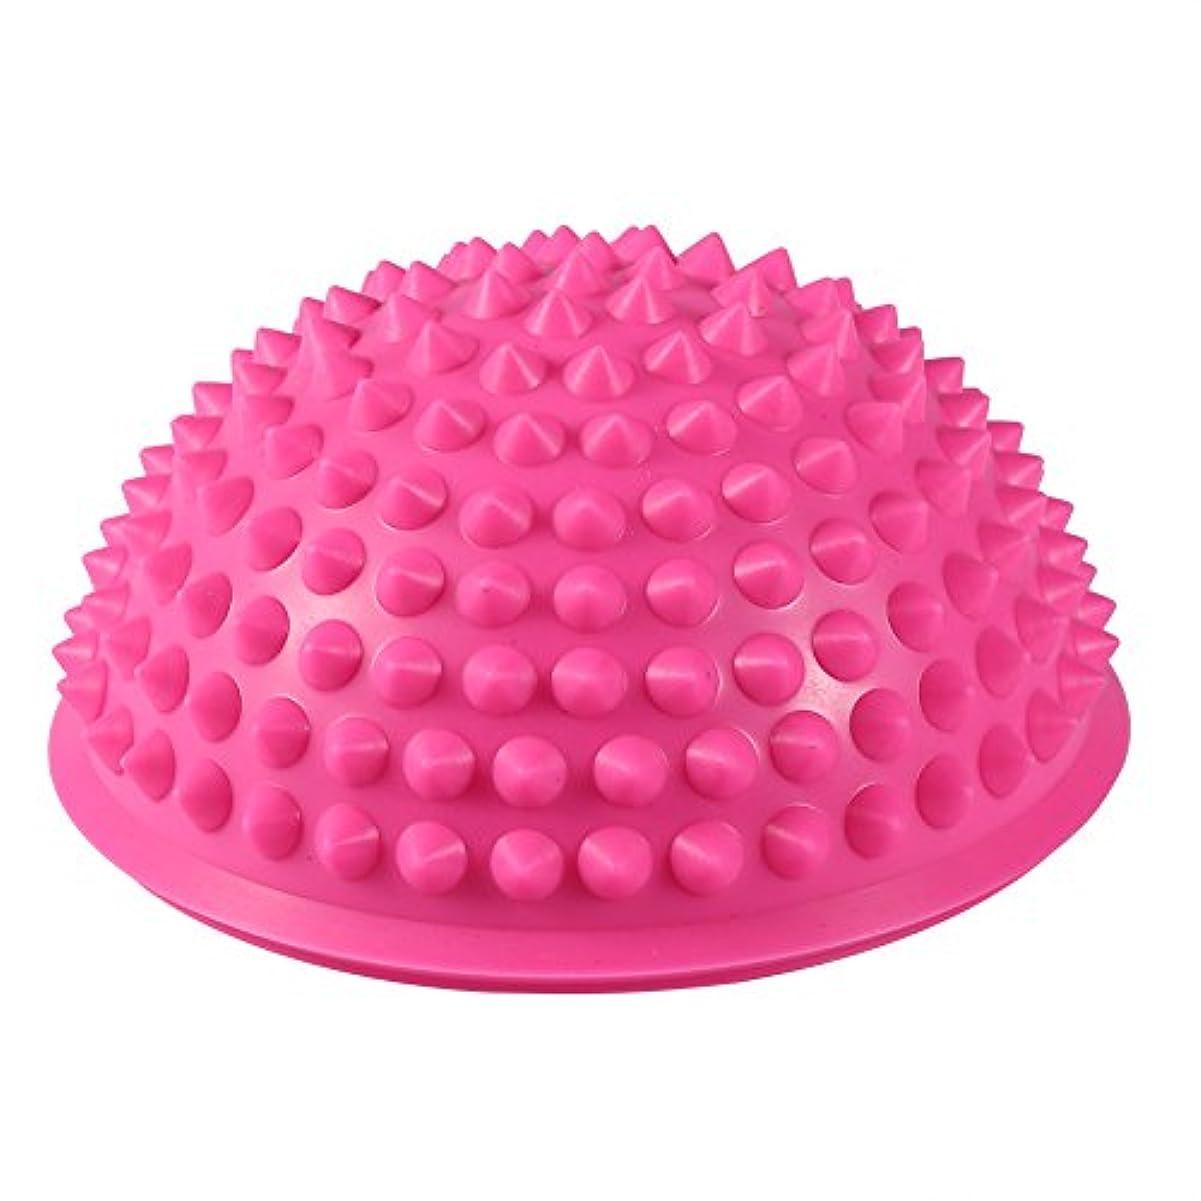 皿血まみれの中国ハーフラウンドPVCマッサージボールヨガボールフィットネスエクササイズジムマッサージ5色(ピンク)